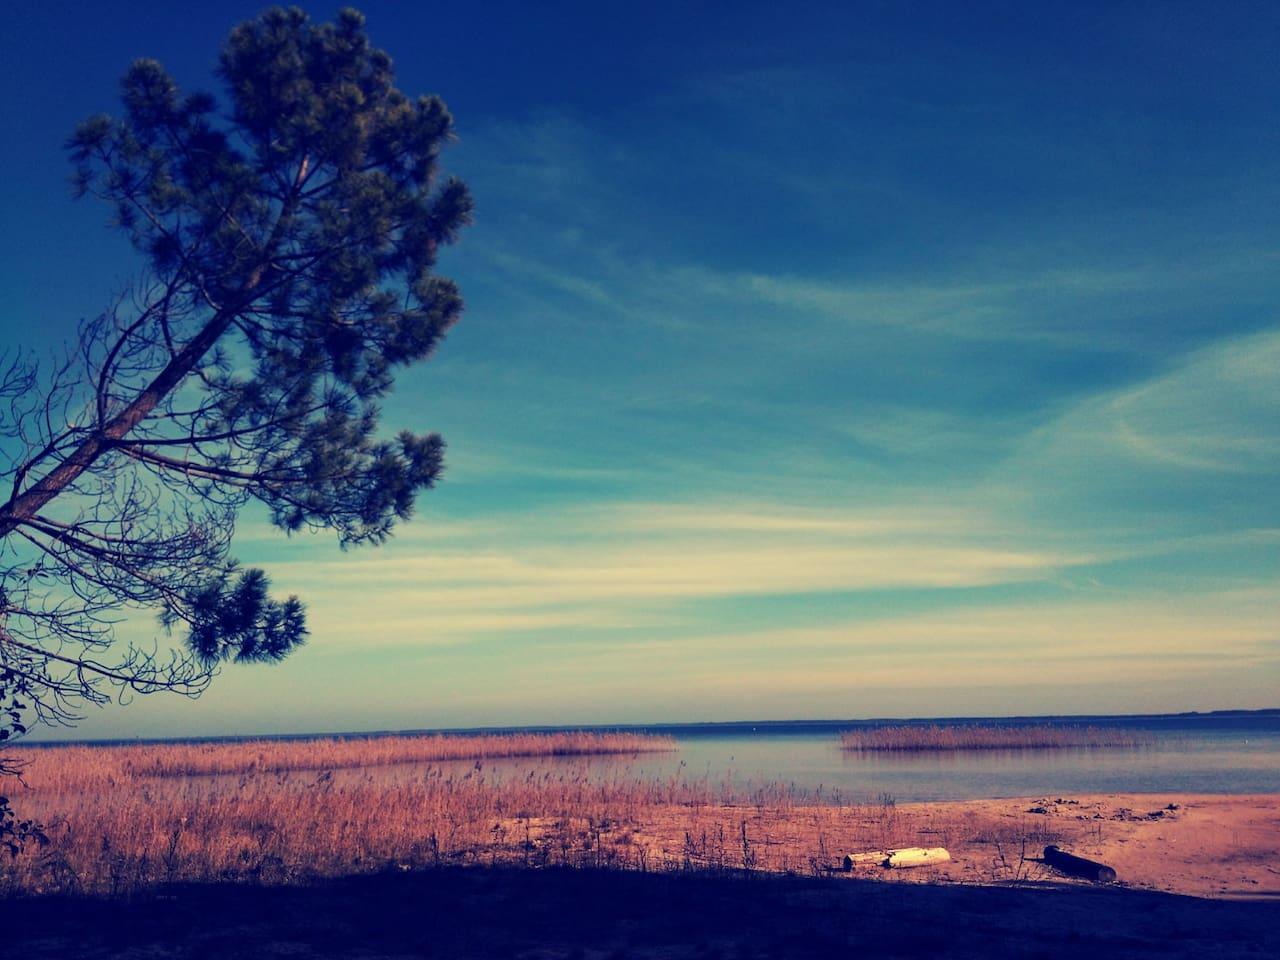 Vue sur le lac de la plage privative du domaine. 5 minutes à pieds de la maison.